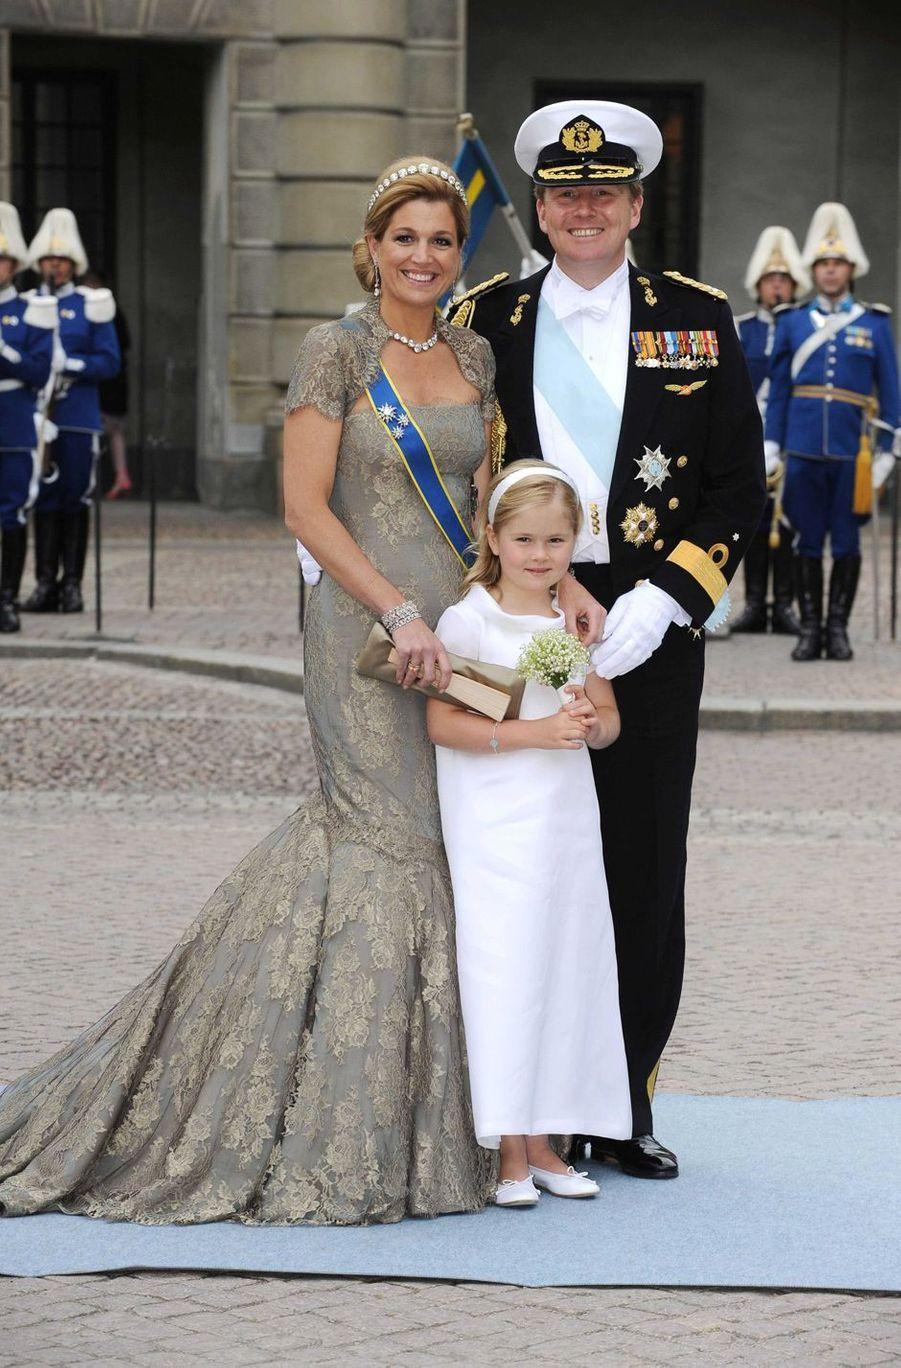 La princesse Catharina-Amalia des Pays-Bas avec ses parents la princesse Maxima et le prince héritier Willem-Alexander à Stockholm, le 19 juin 2010